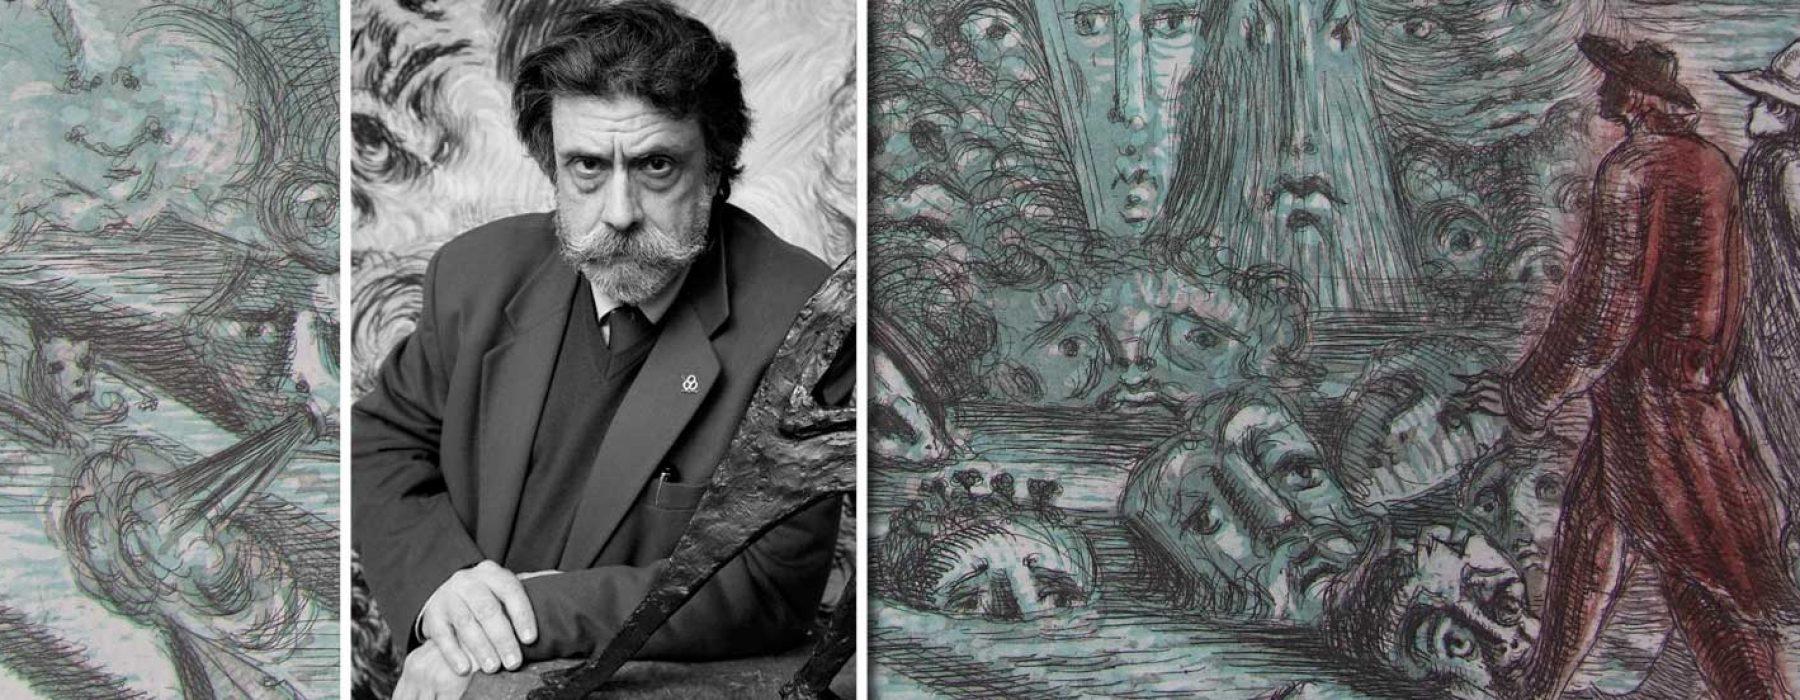 La esencia del arte y la cultura italiana en un maestro